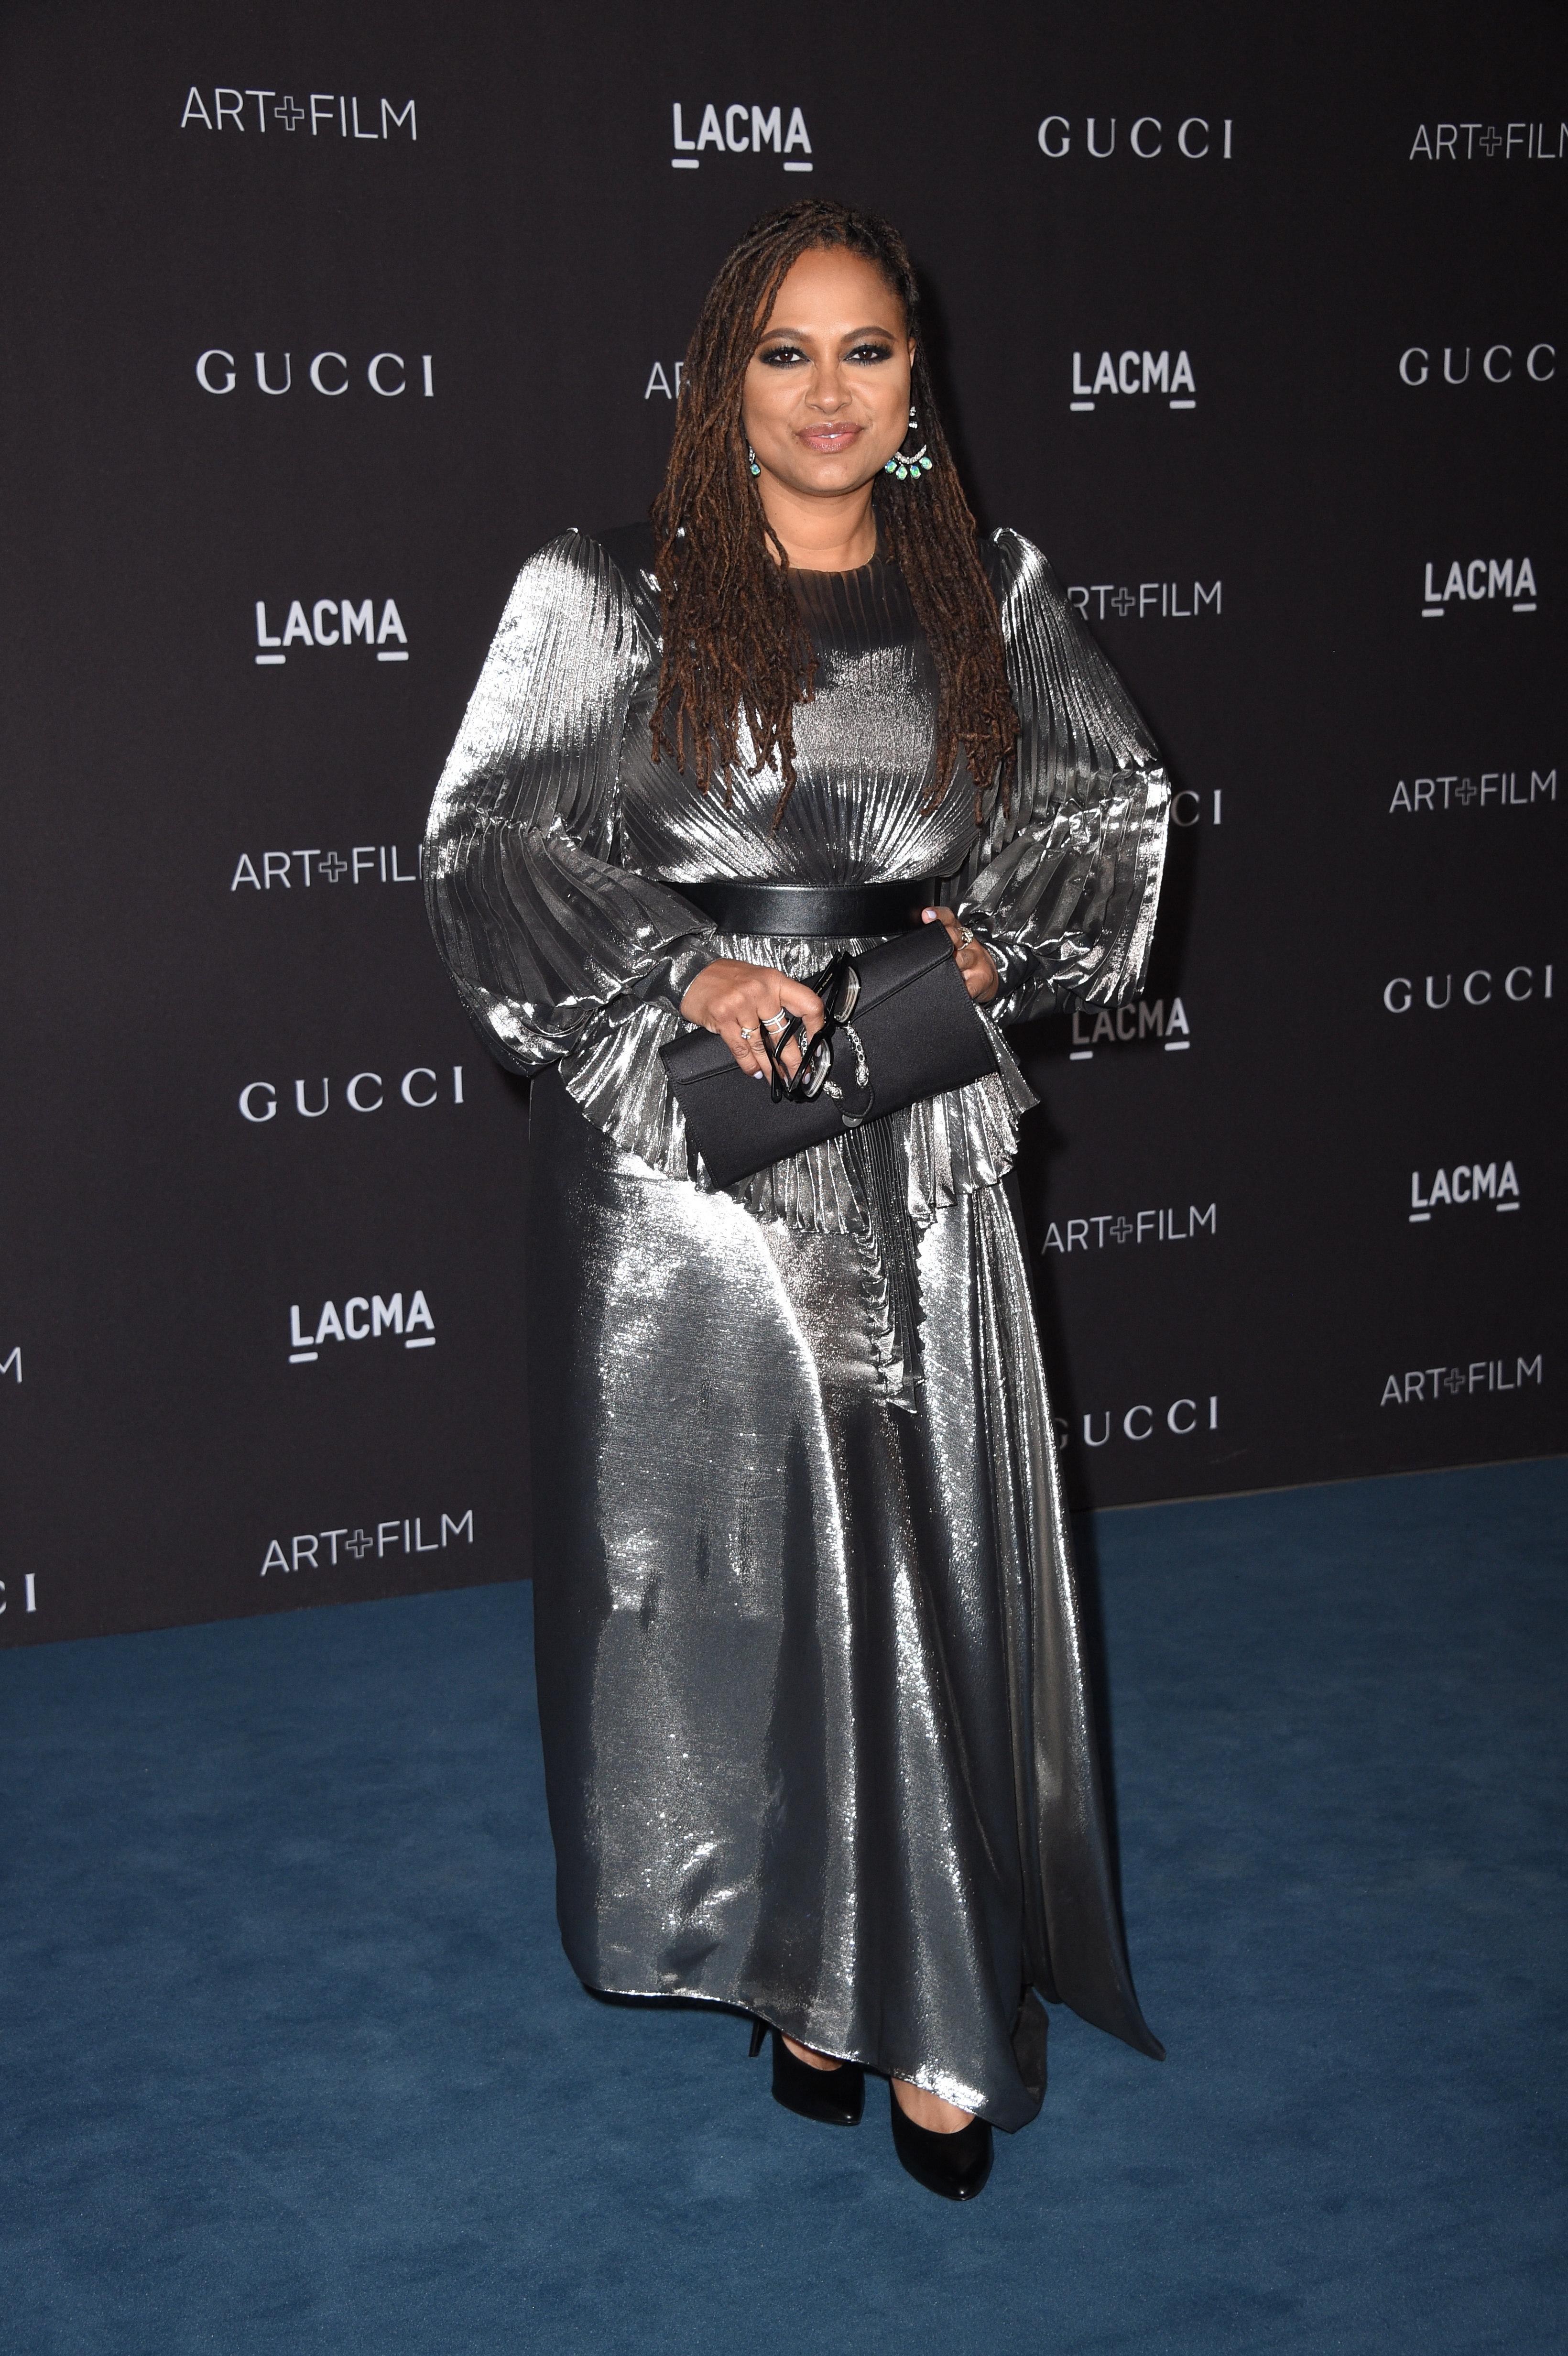 Ava Duvernay 2019 LACMA Art + Film Gala